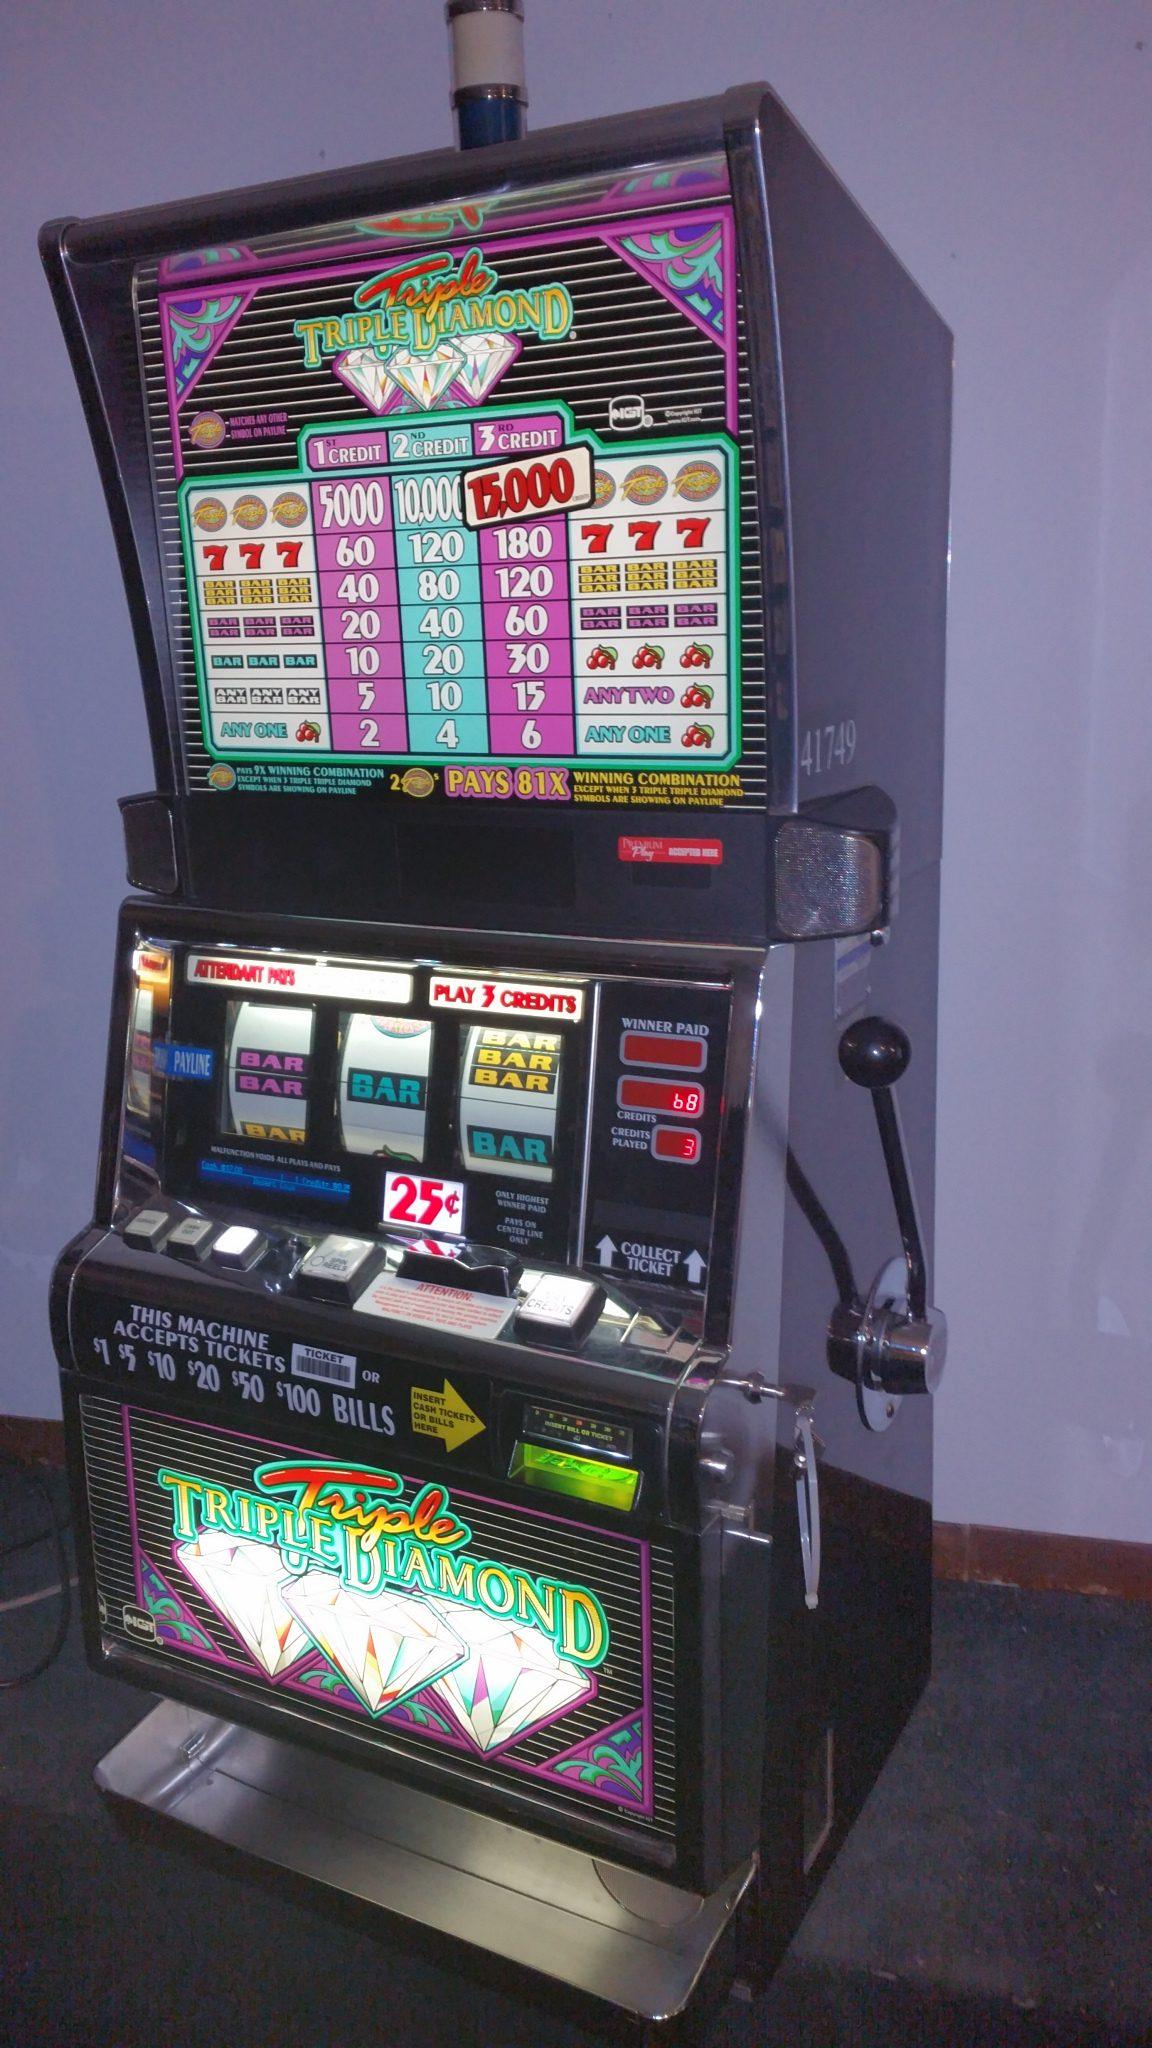 IGT S2000 Triple Triple Diamond 25c Coin Op Slot Machine